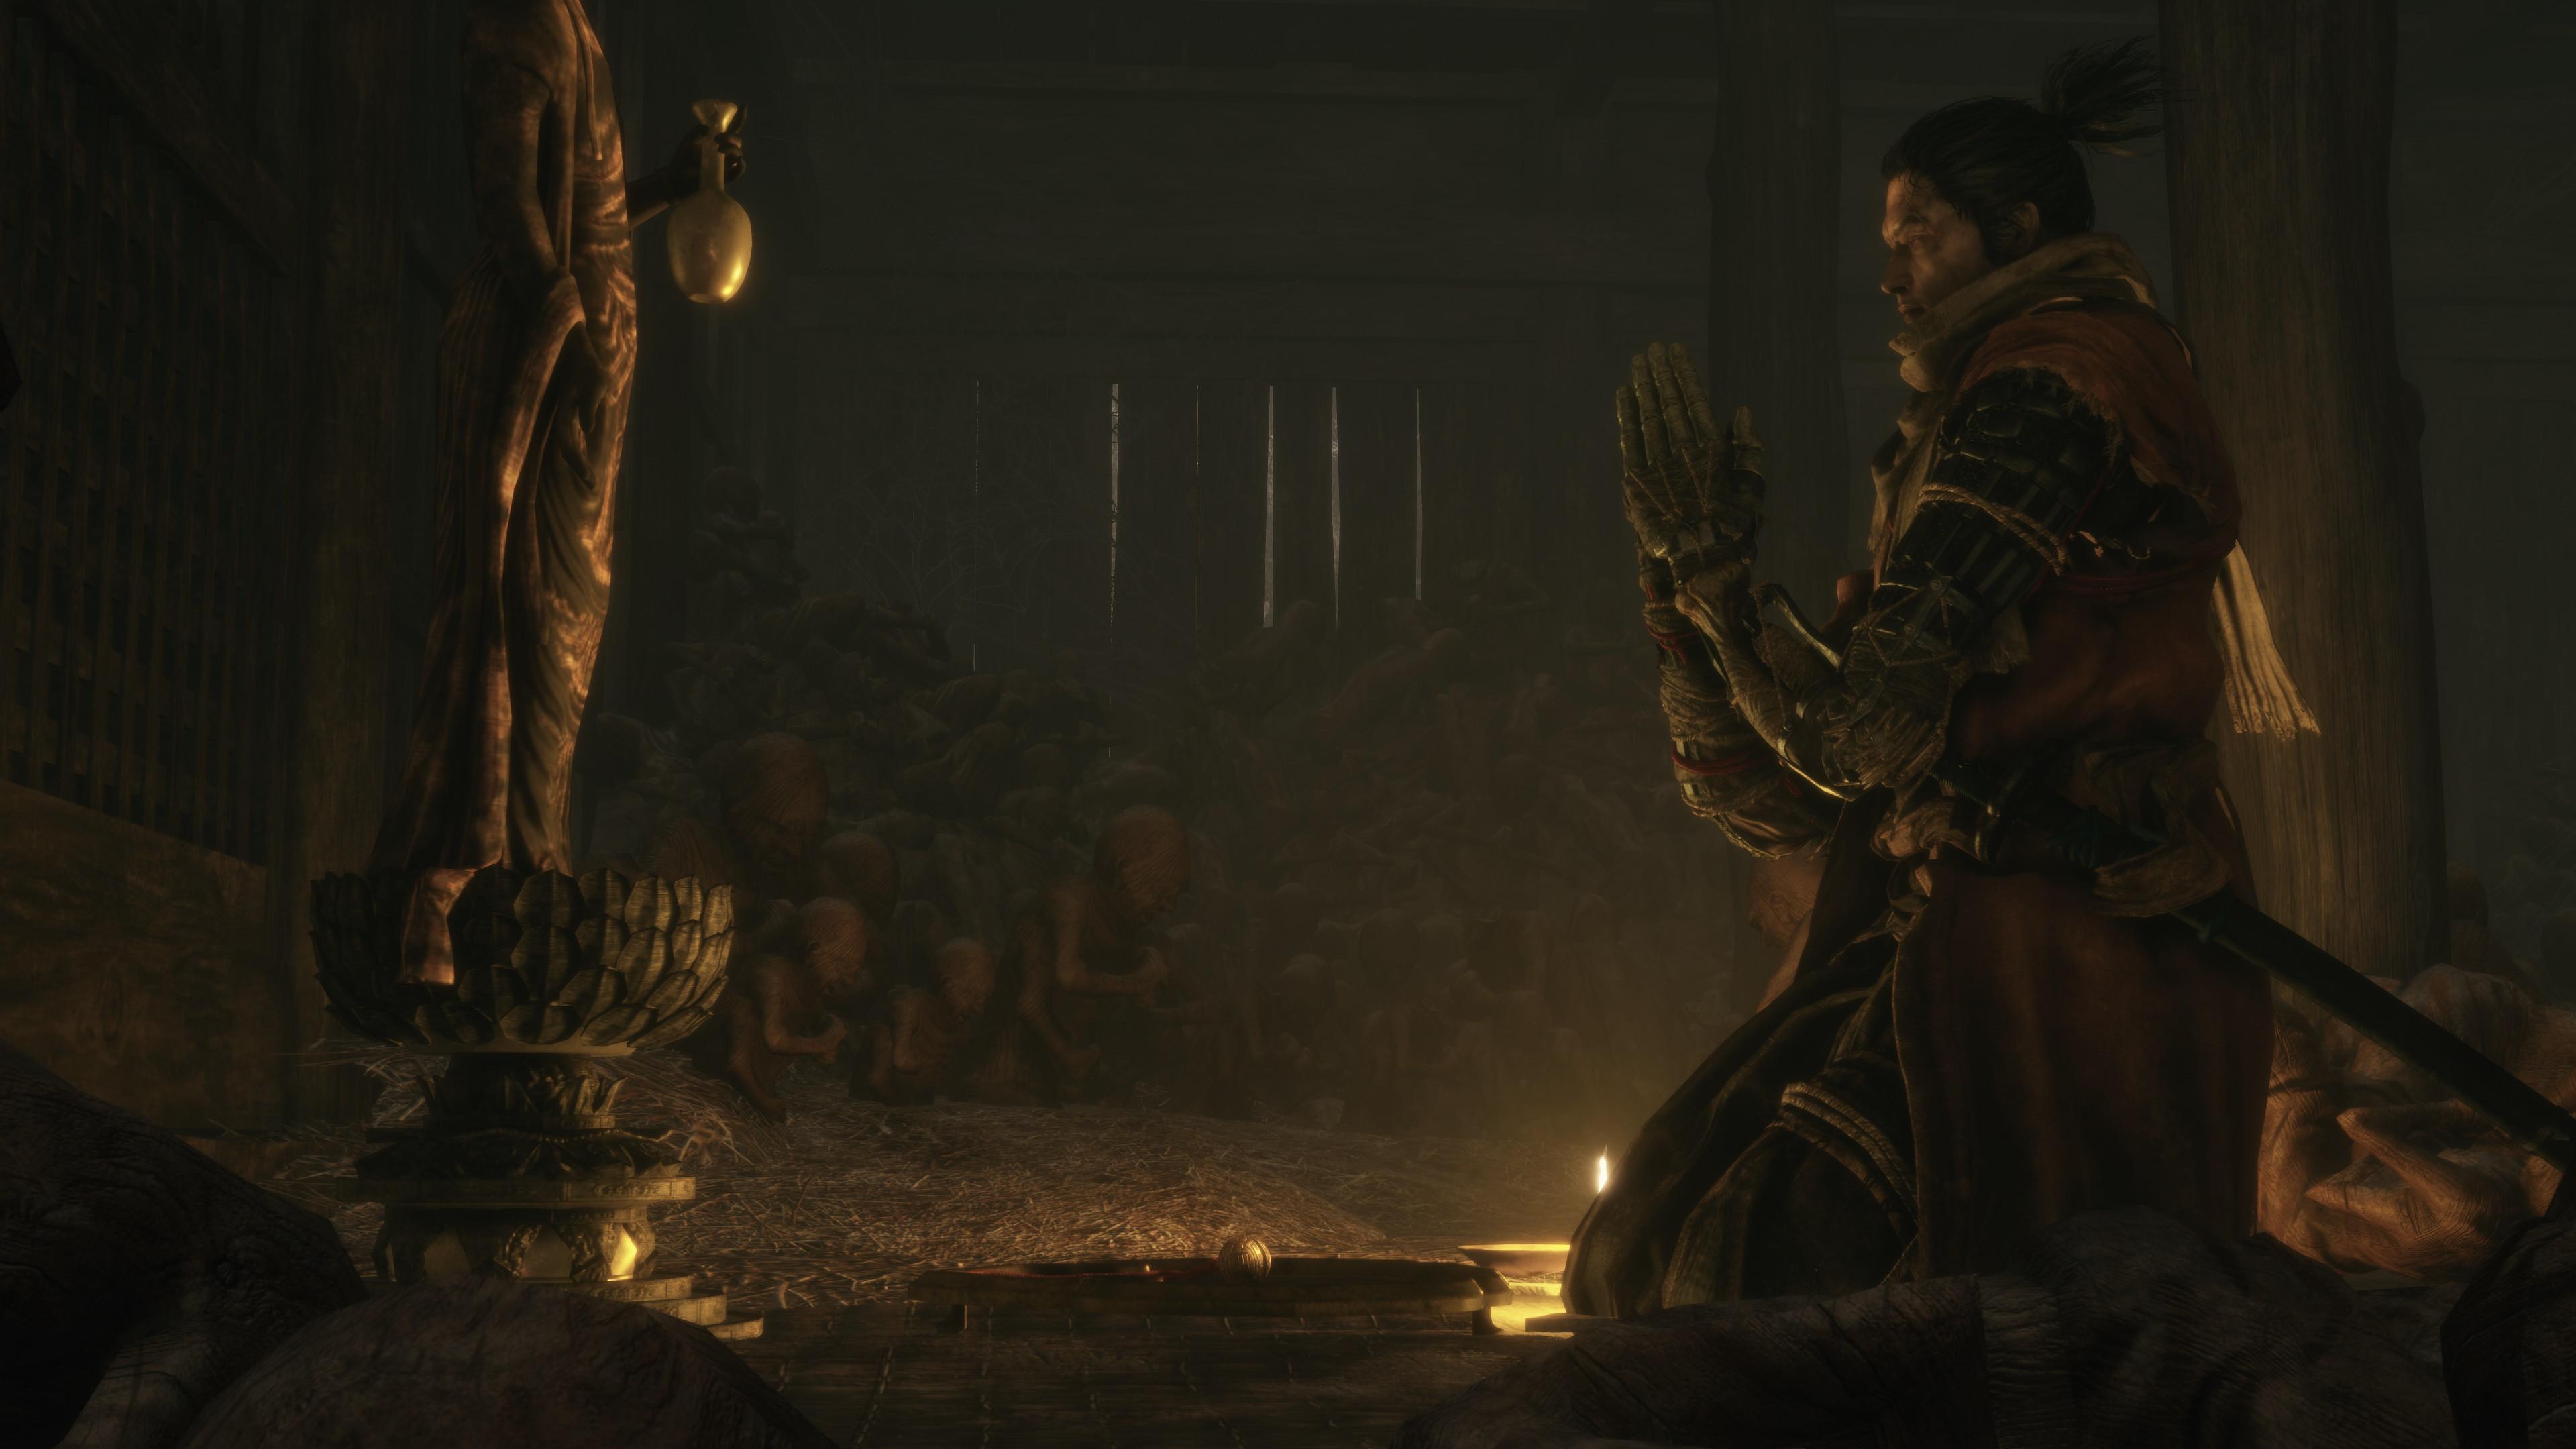 Fotos de 'Sekiro: Shadows Die Twice' mostram a beleza do jogo do momento